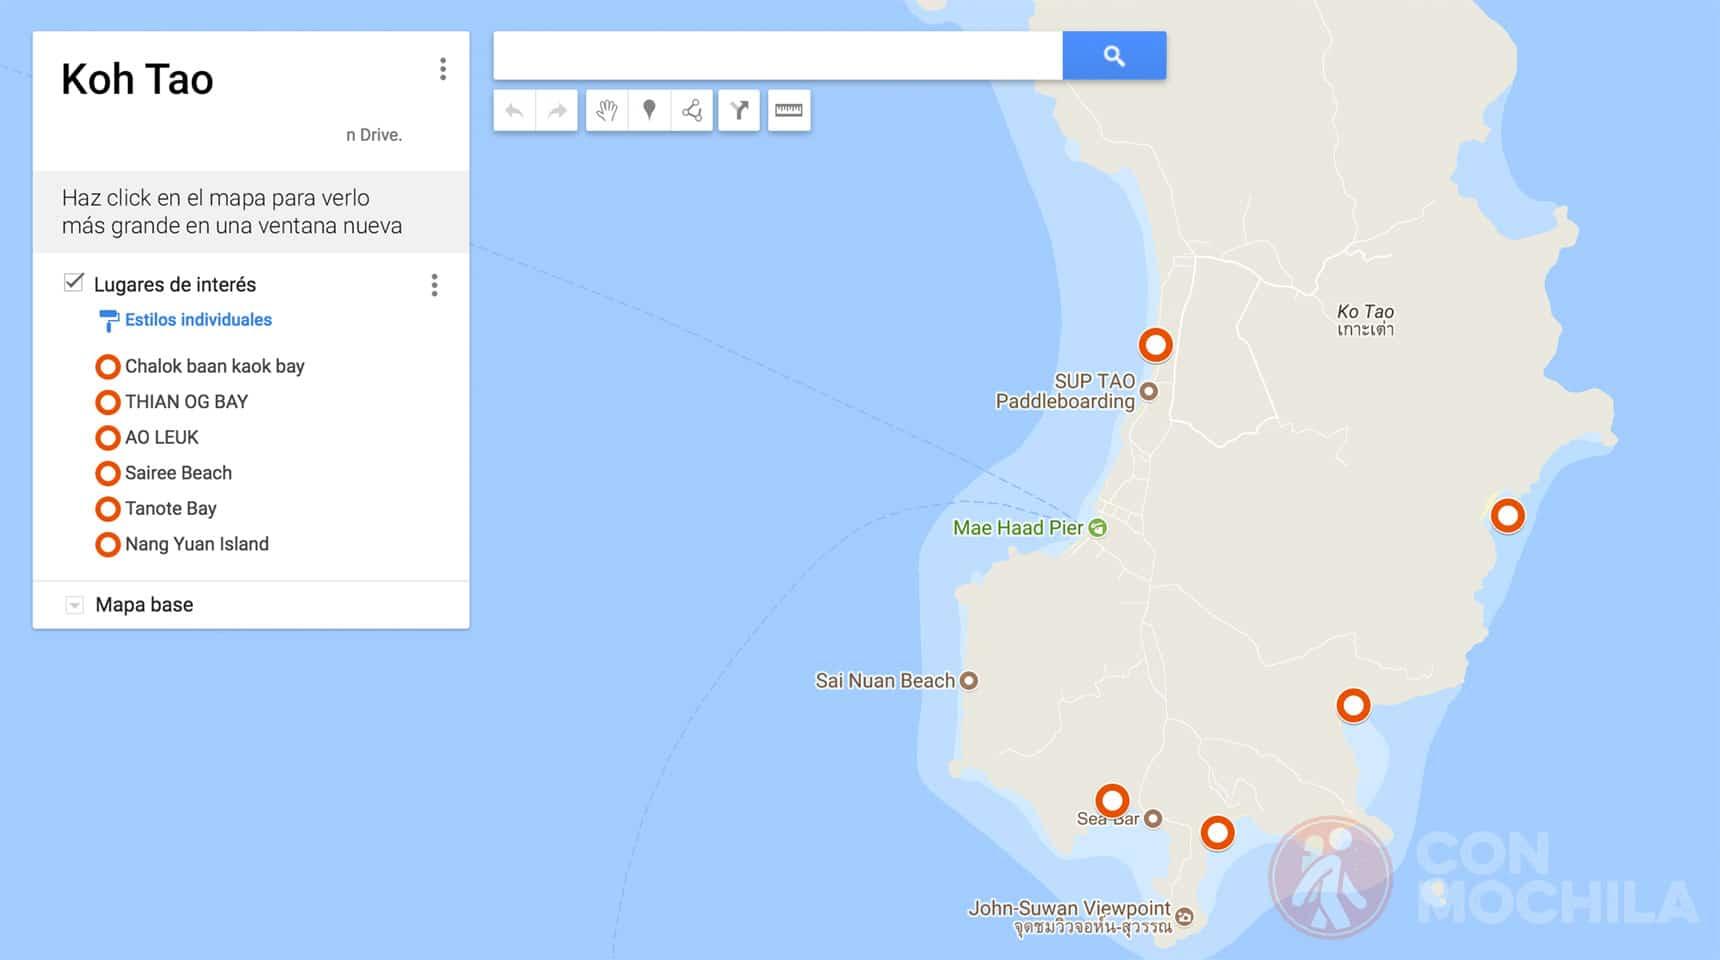 Mapa de Ko Tao